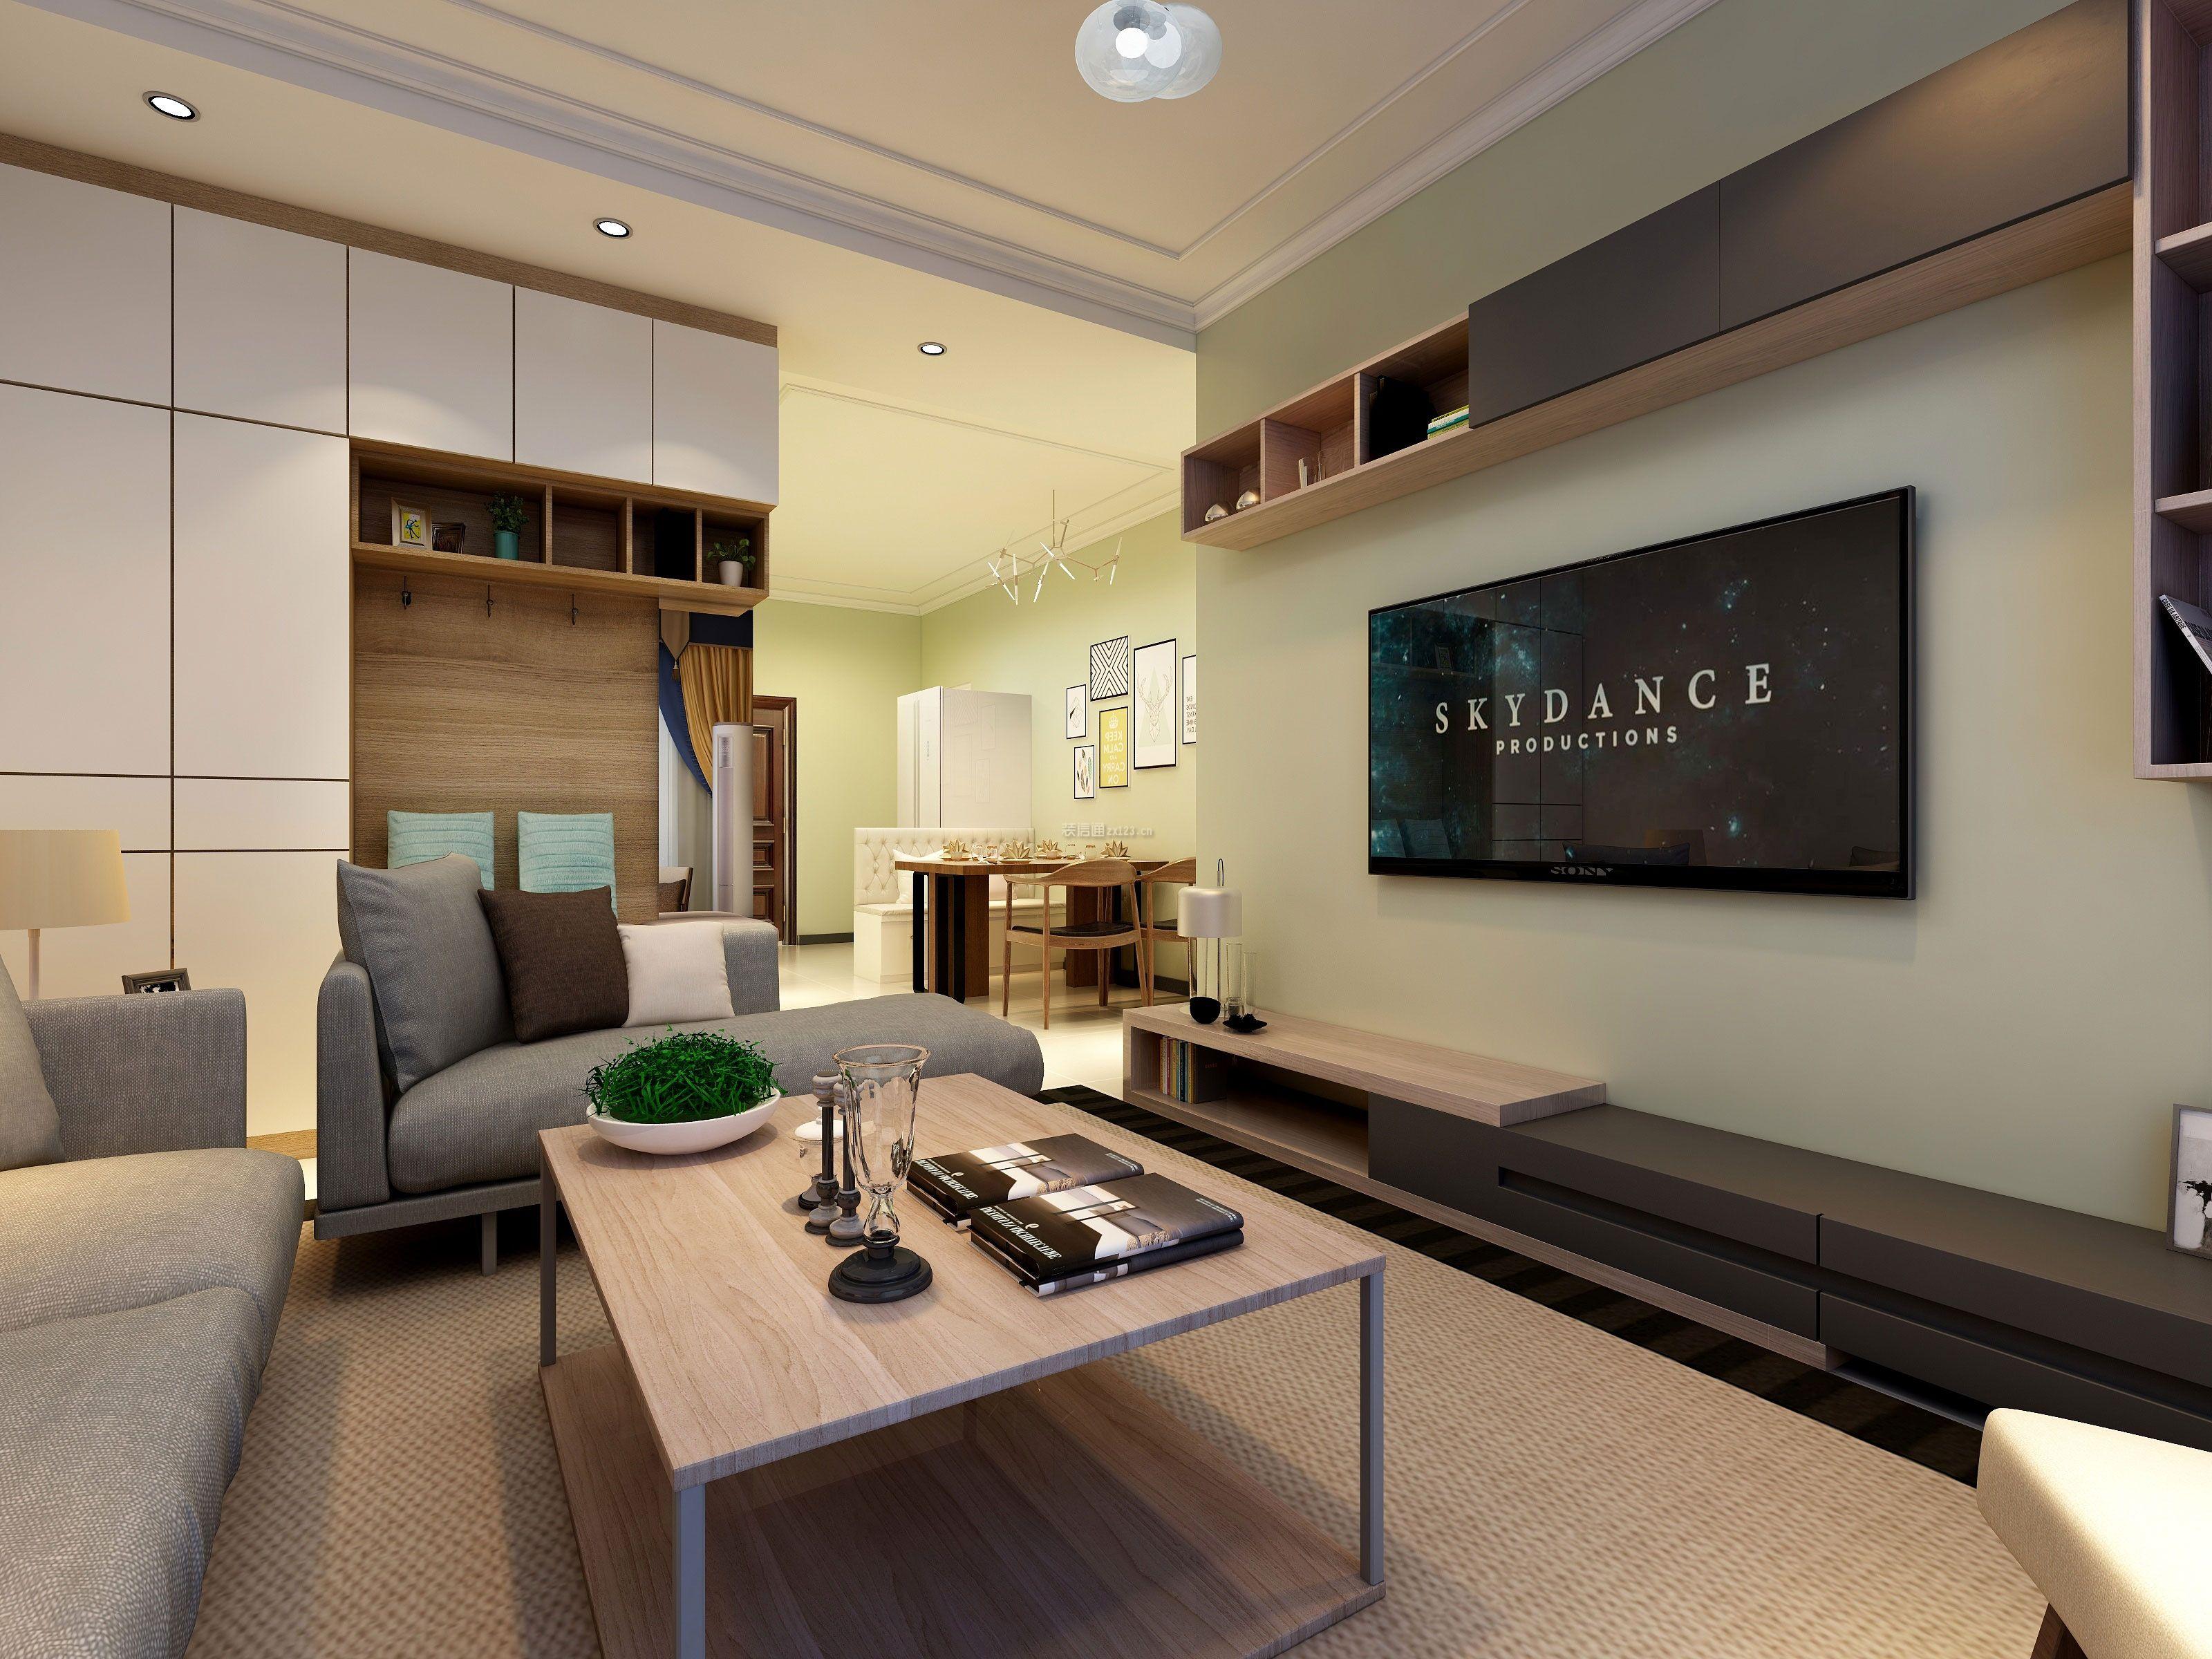 简单电视墙装修图片-电视墙装修效果图大全现代简约型